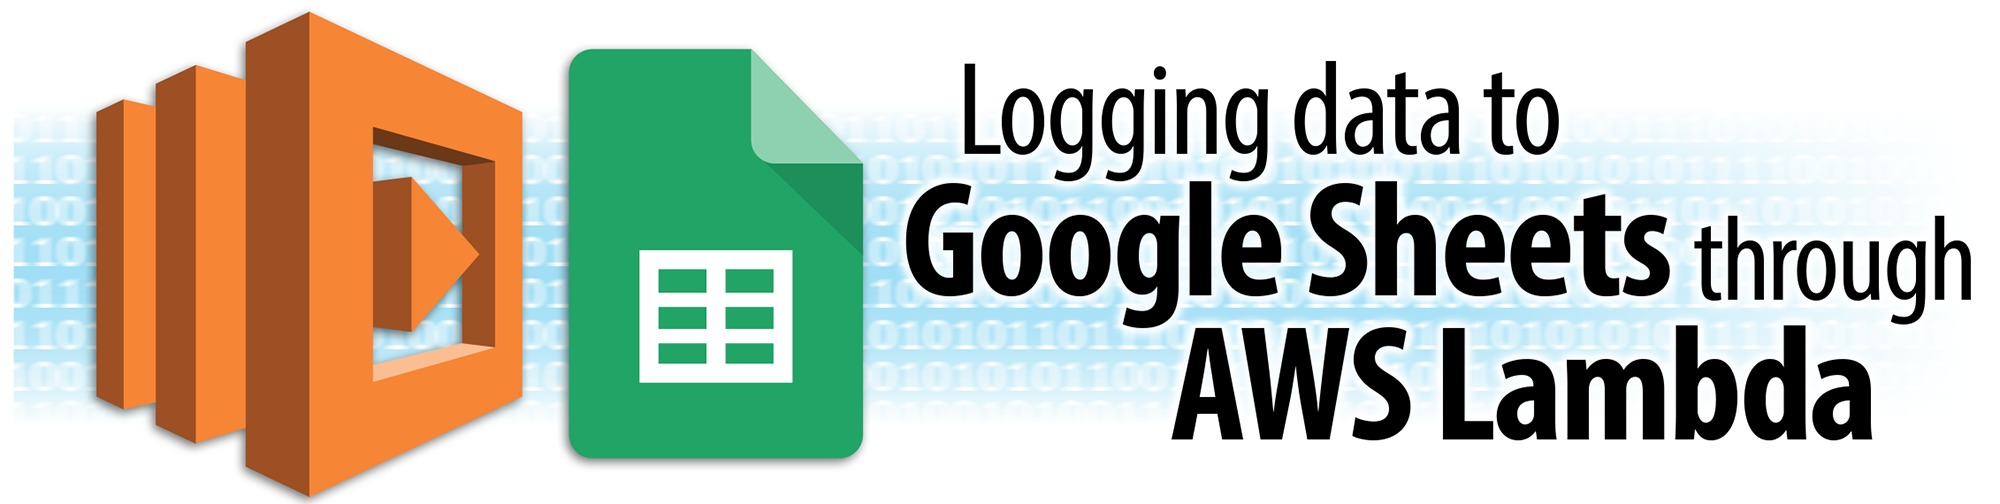 Logging data to Google Sheets through AWS IoT(Lambda)